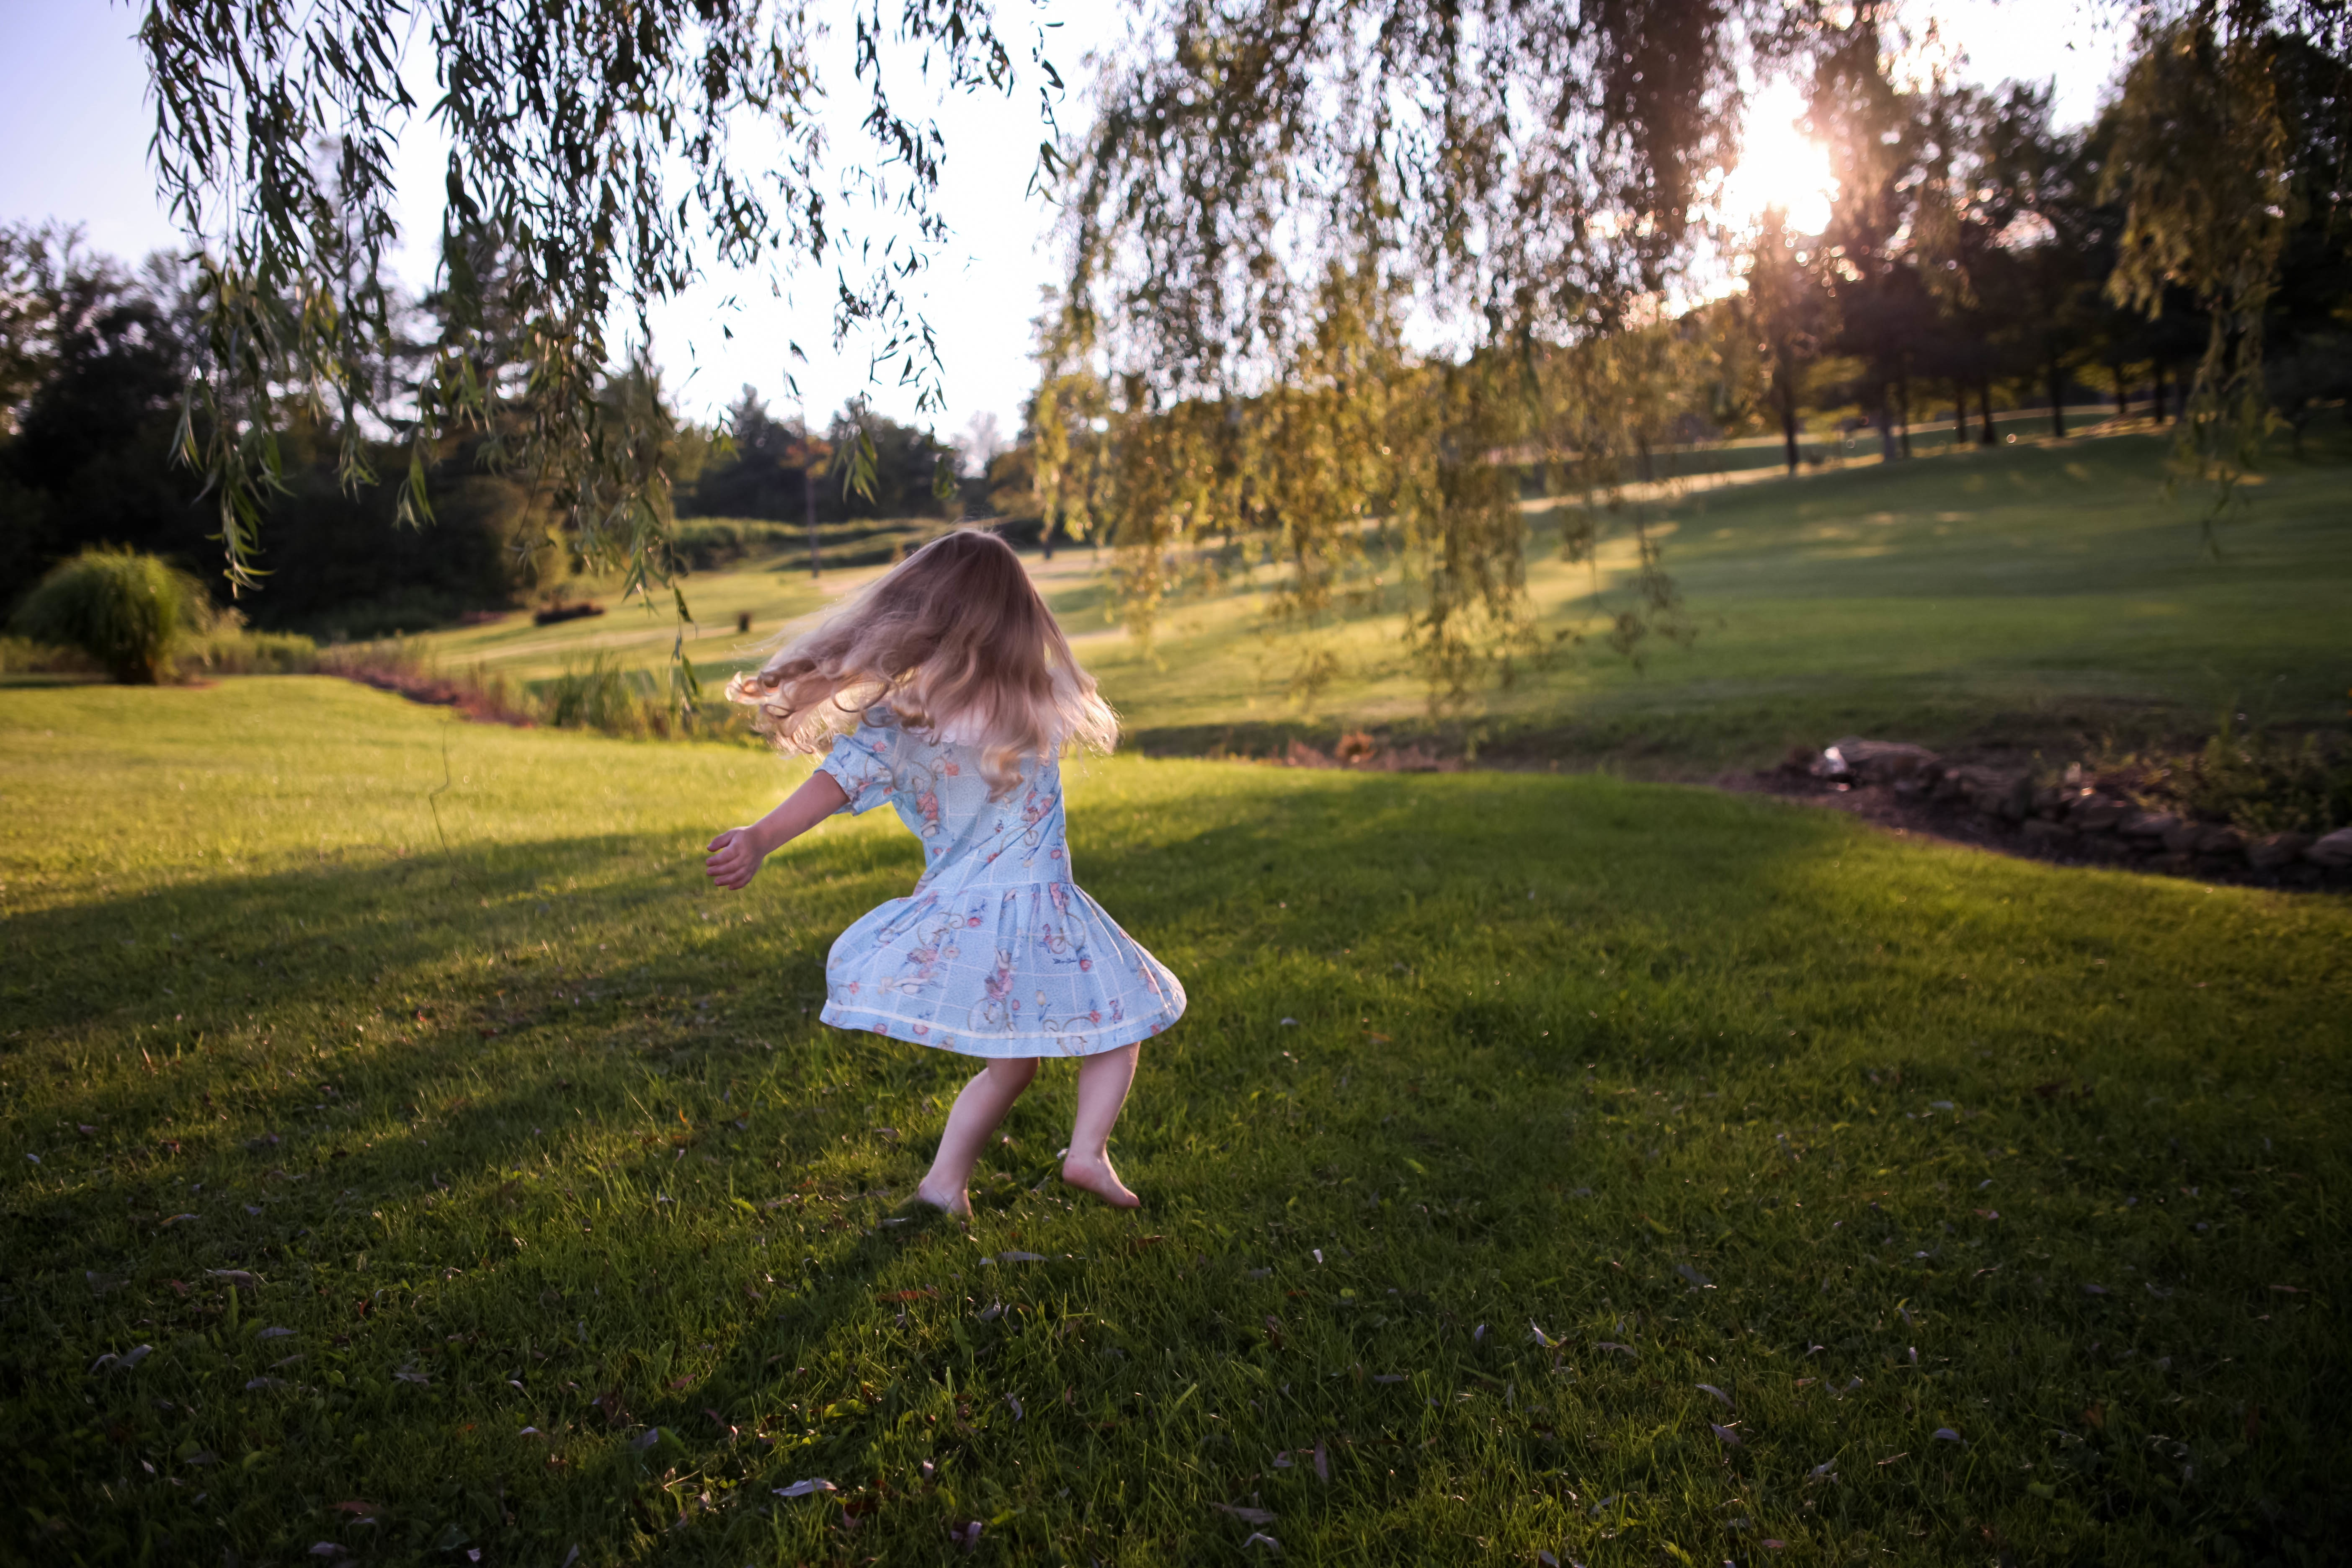 Gabby Orcutt - Foto: unsplash.com